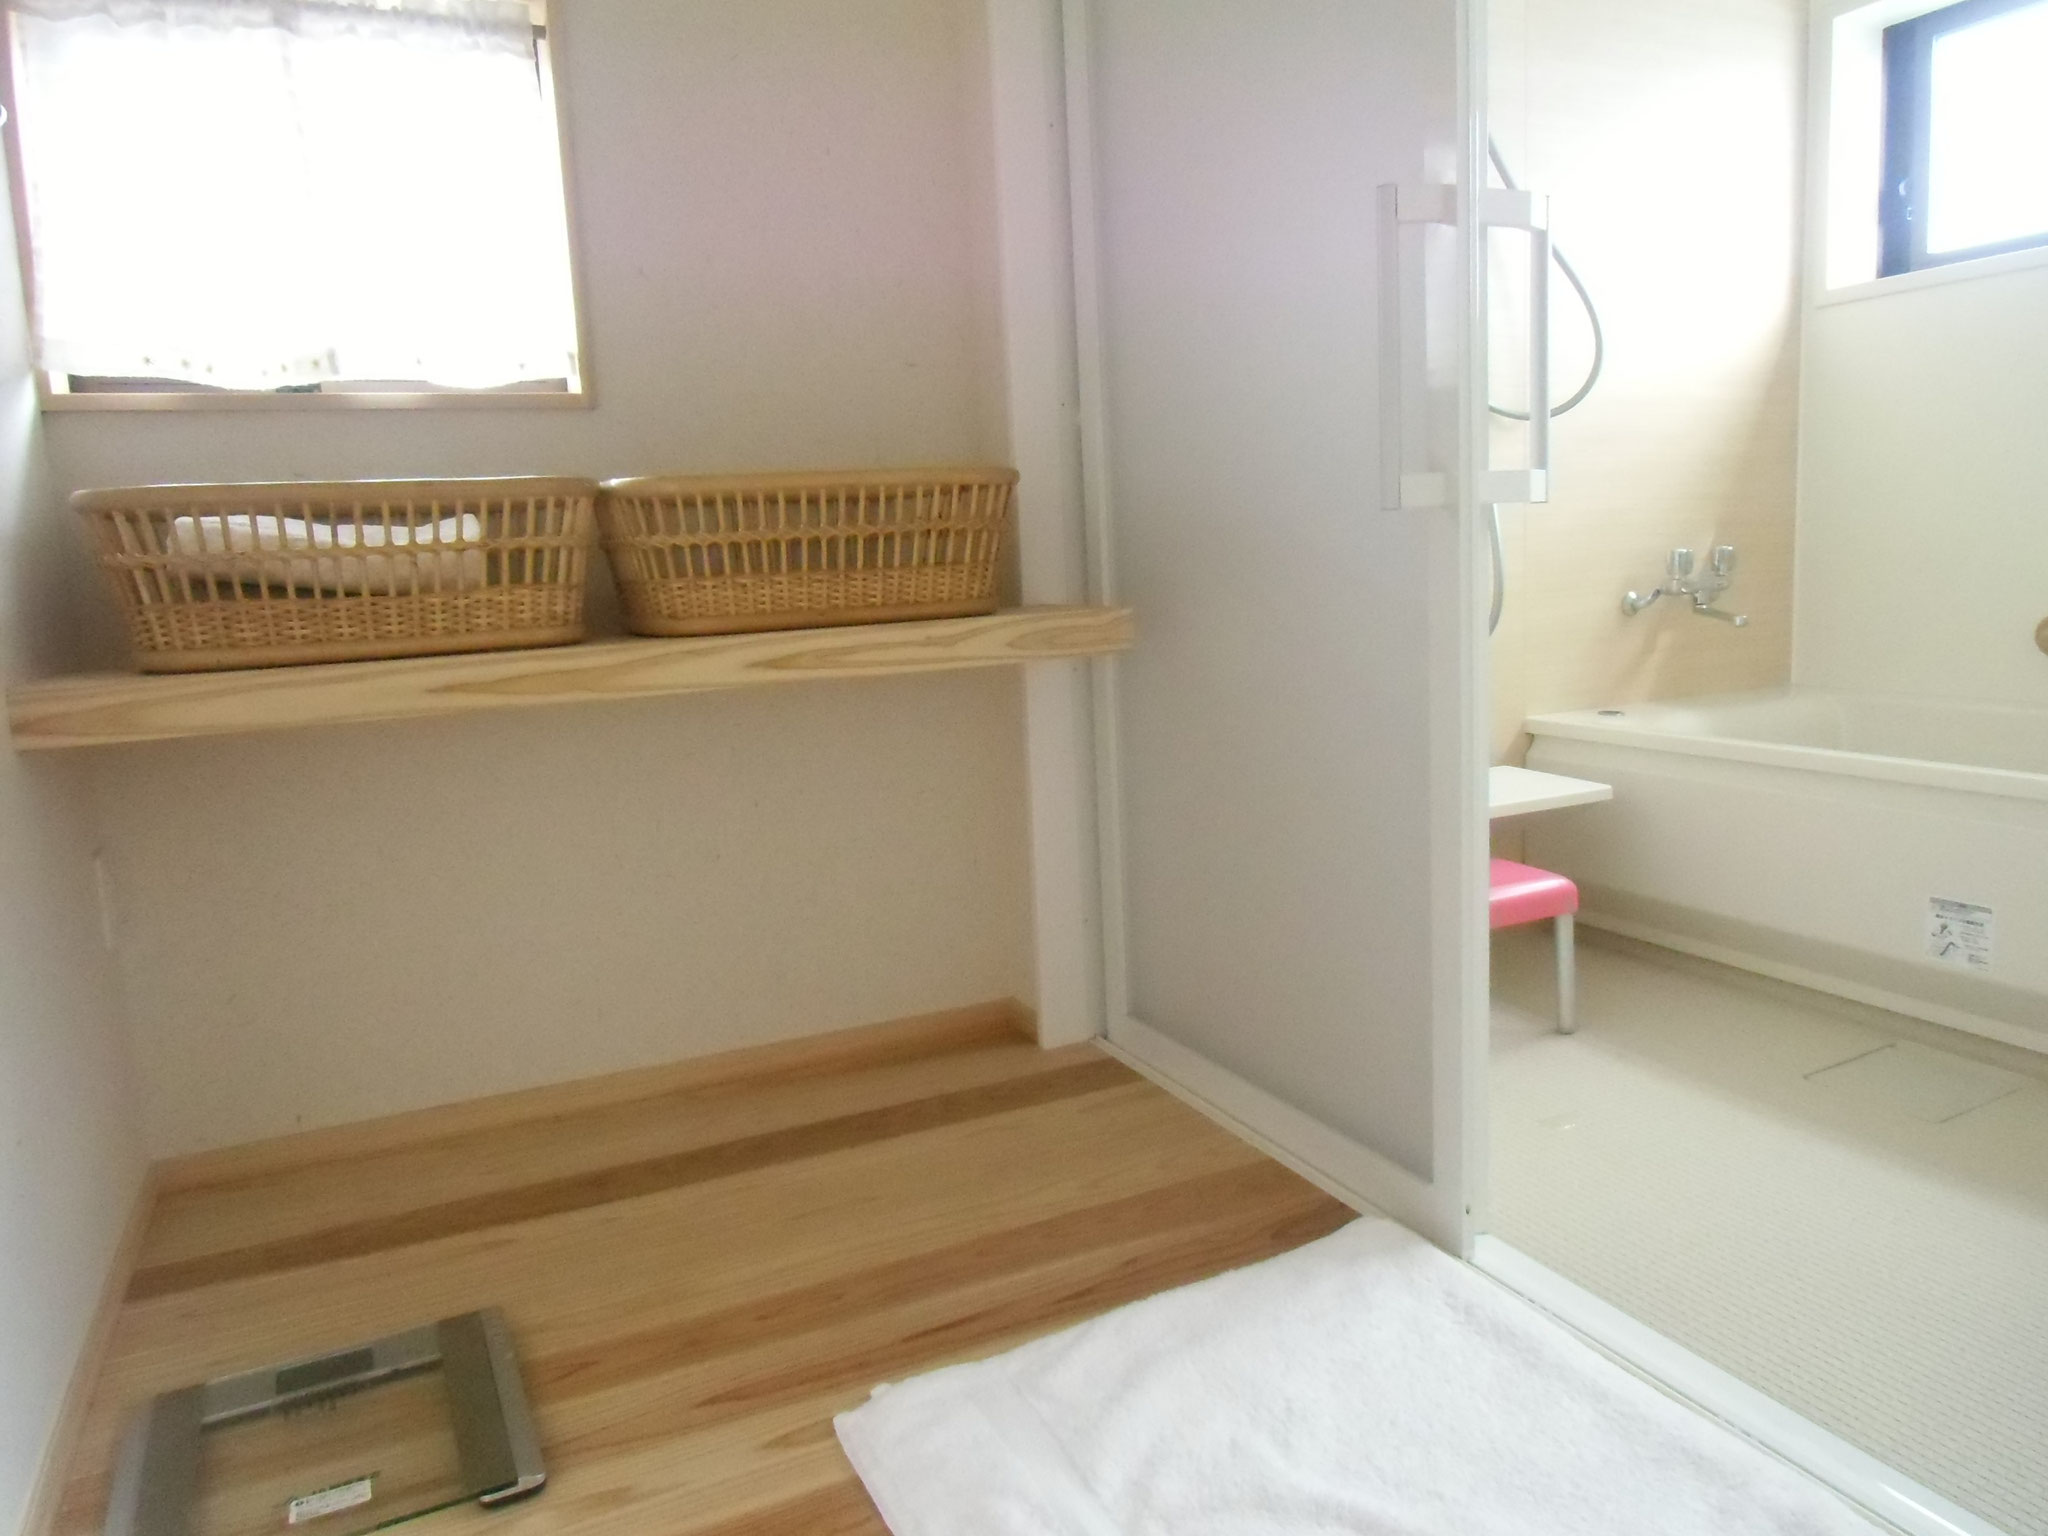 母屋のユニットバス用脱衣室です。